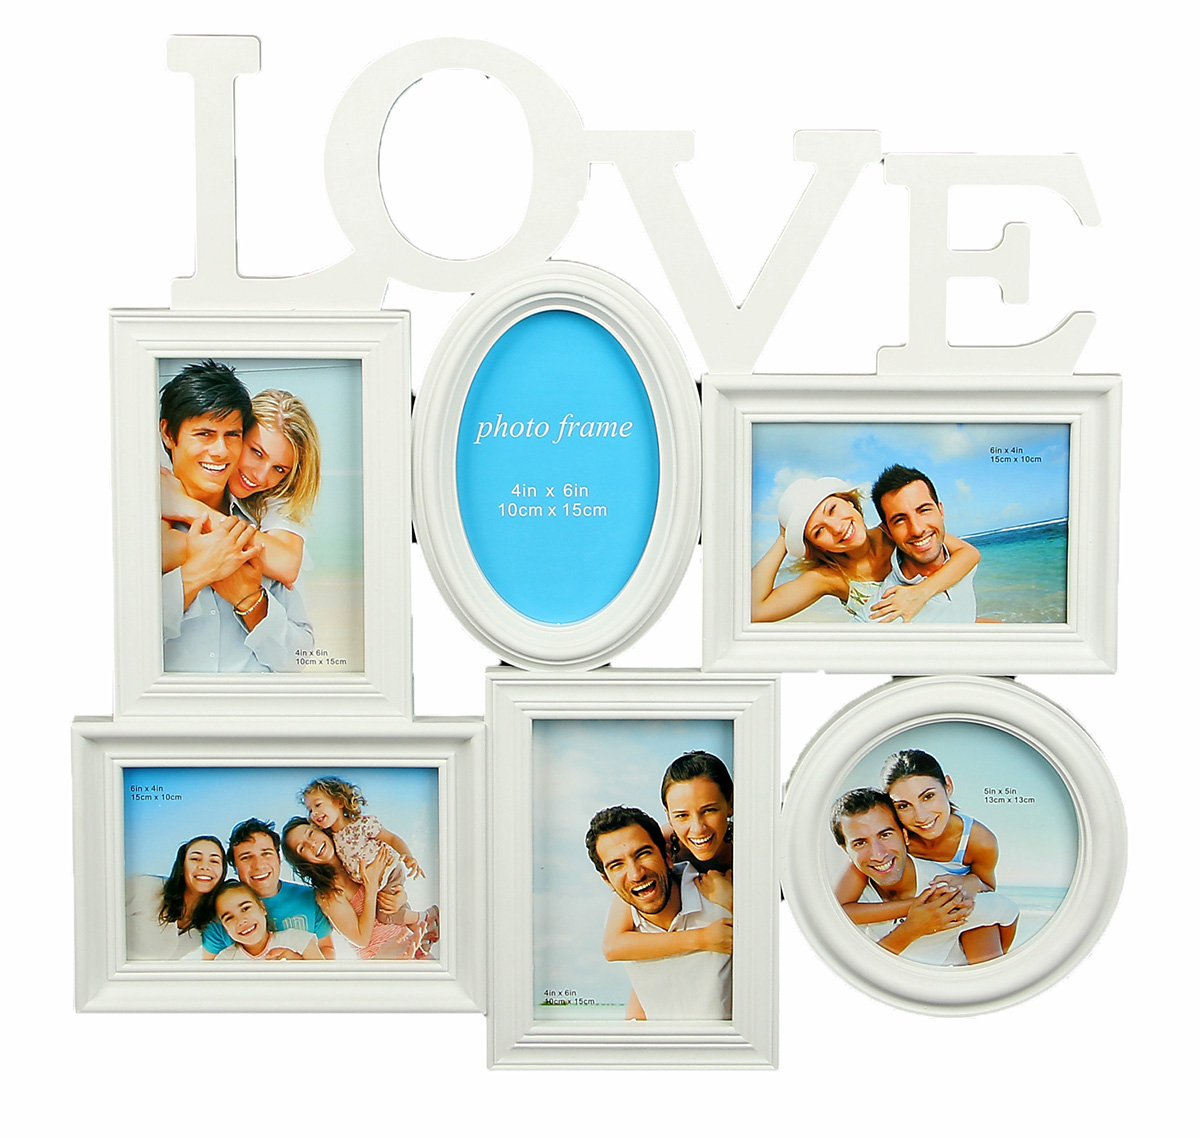 """Фоторамка """"Любовь"""" сохранит самые прекрасные моменты вашей жизни.Характеристики: Цвет: белыйКоличество фотографий: 6."""